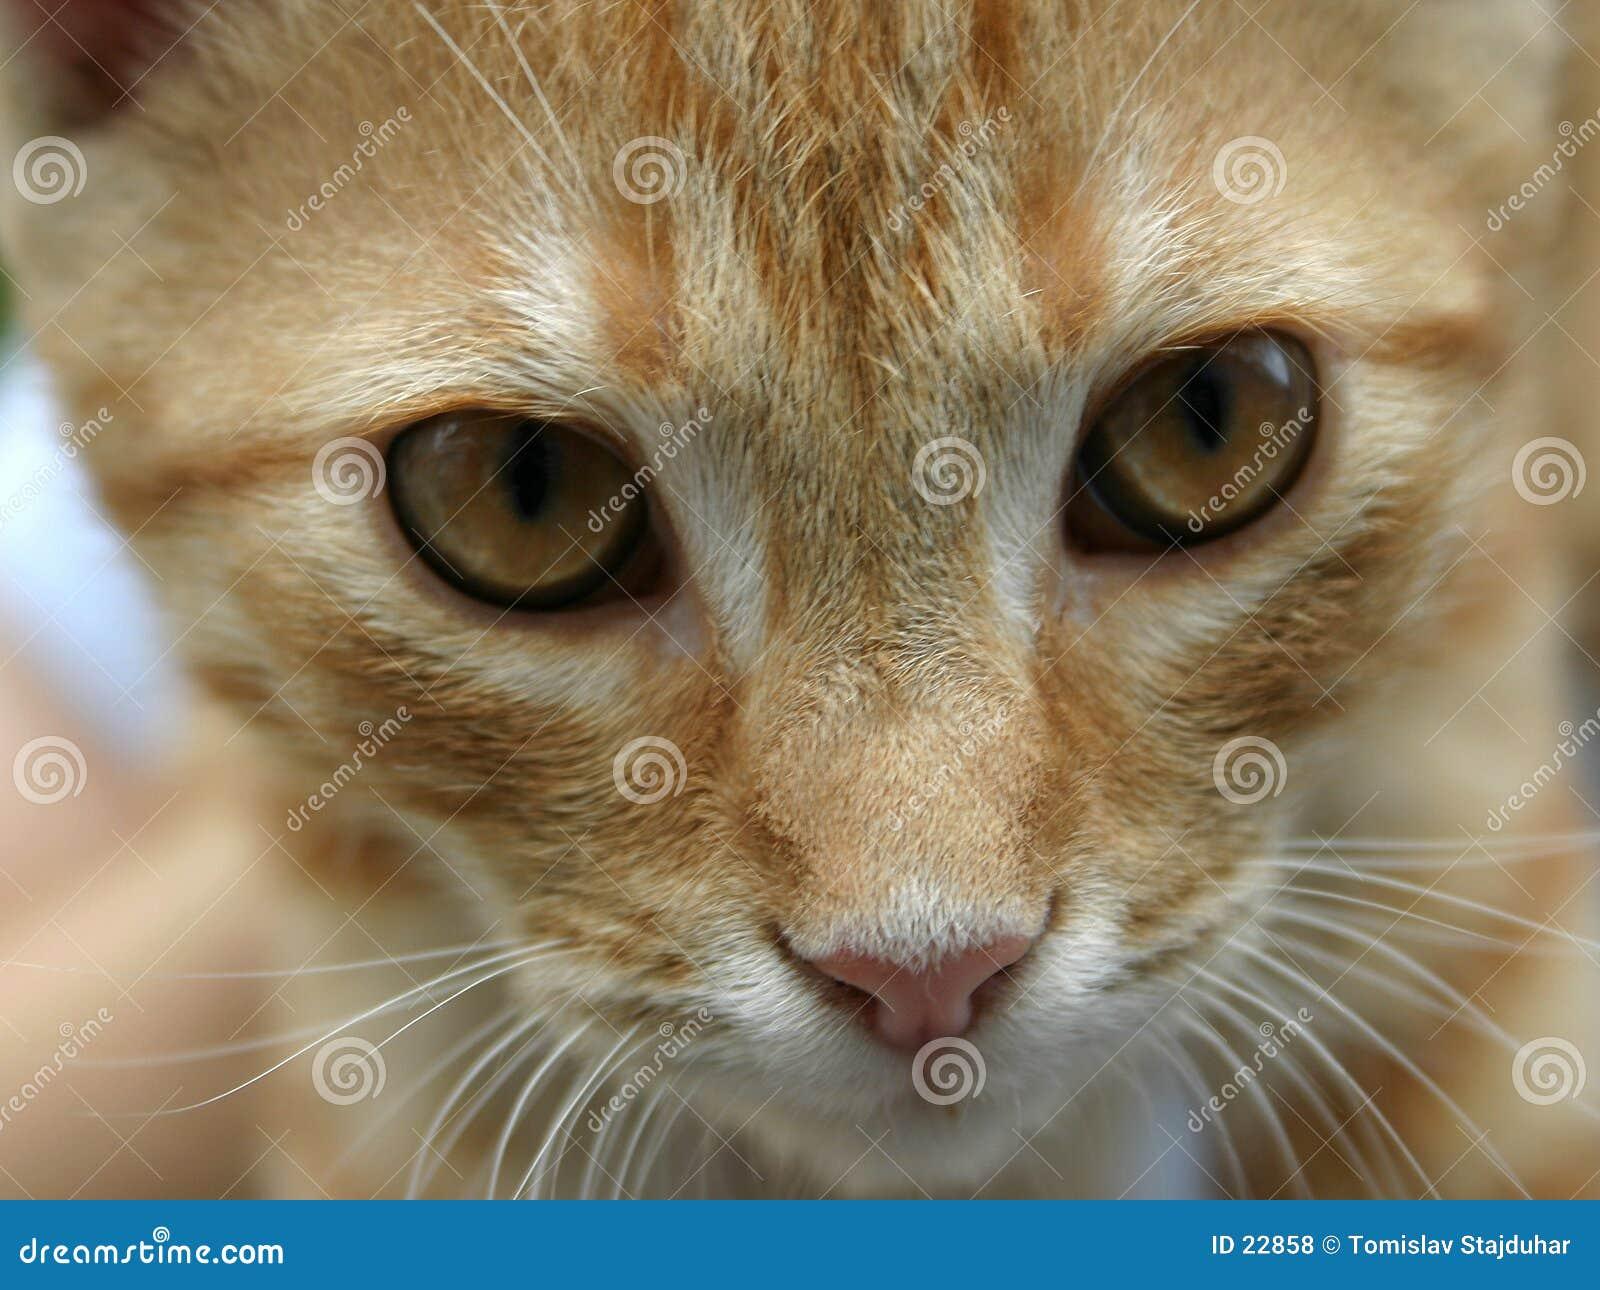 Red orange cat